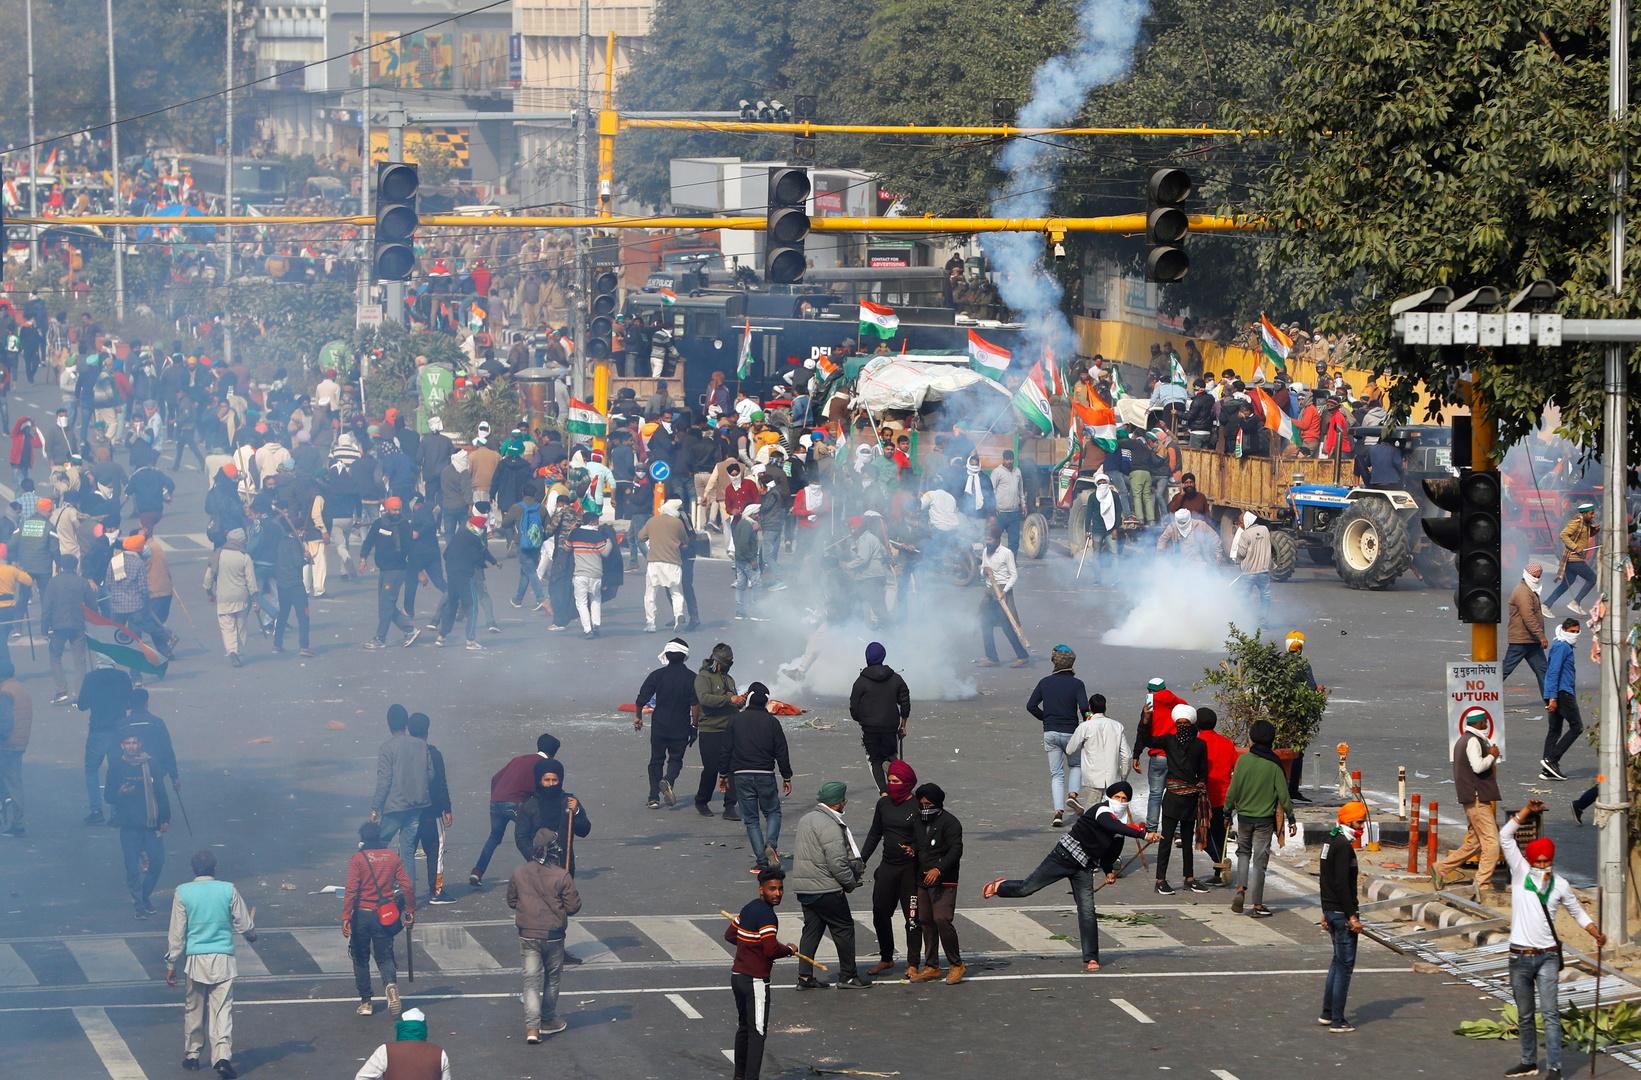 قطع الإنترنت عن عدد من أحياء العاصمة الهندية بسبب احتجاجات